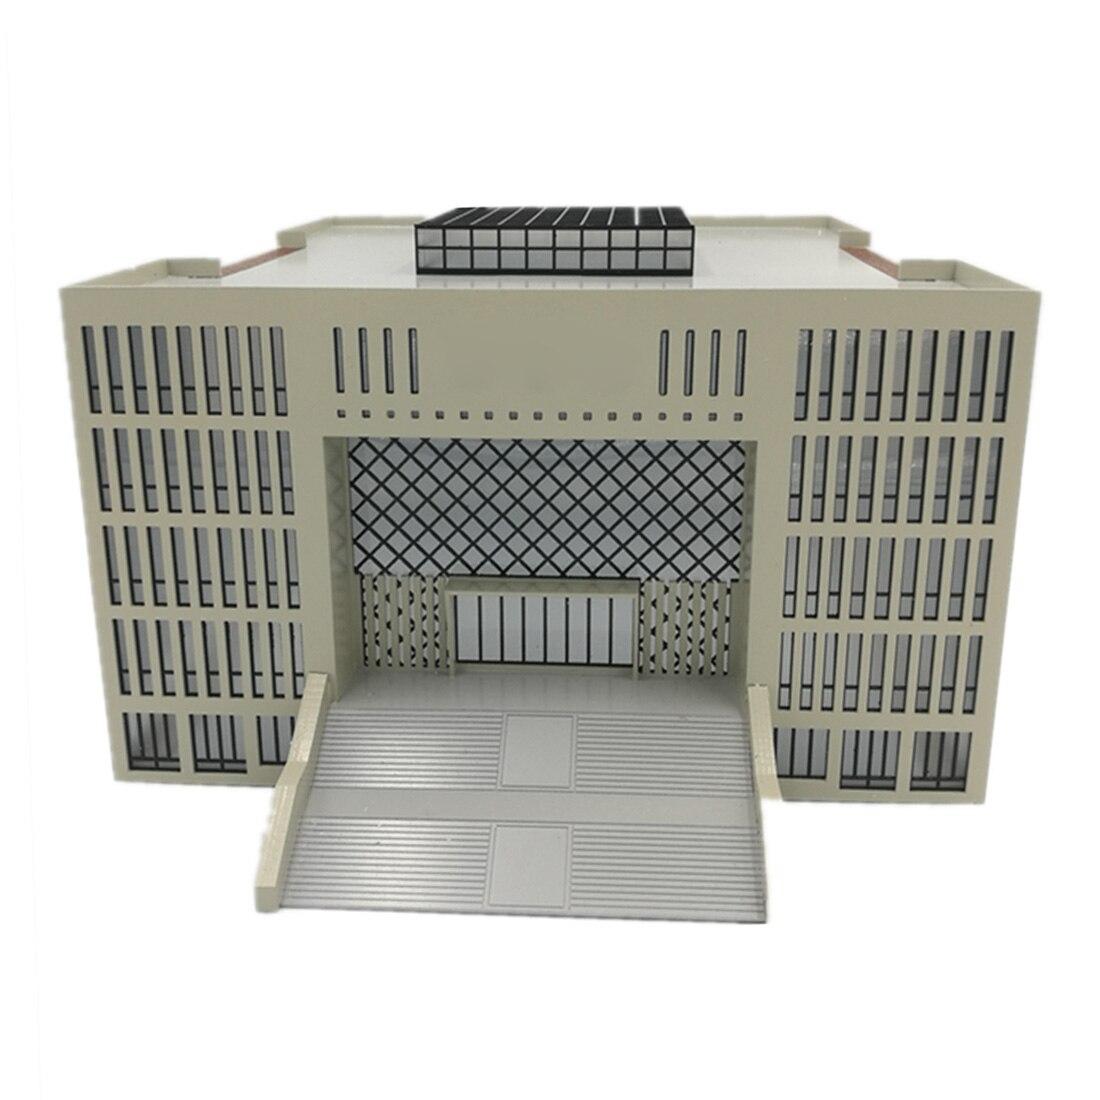 1/150 N масштаб DIY песочный стол декоративная архитектура здание Миниатюрная библиотека модель строительные наборы